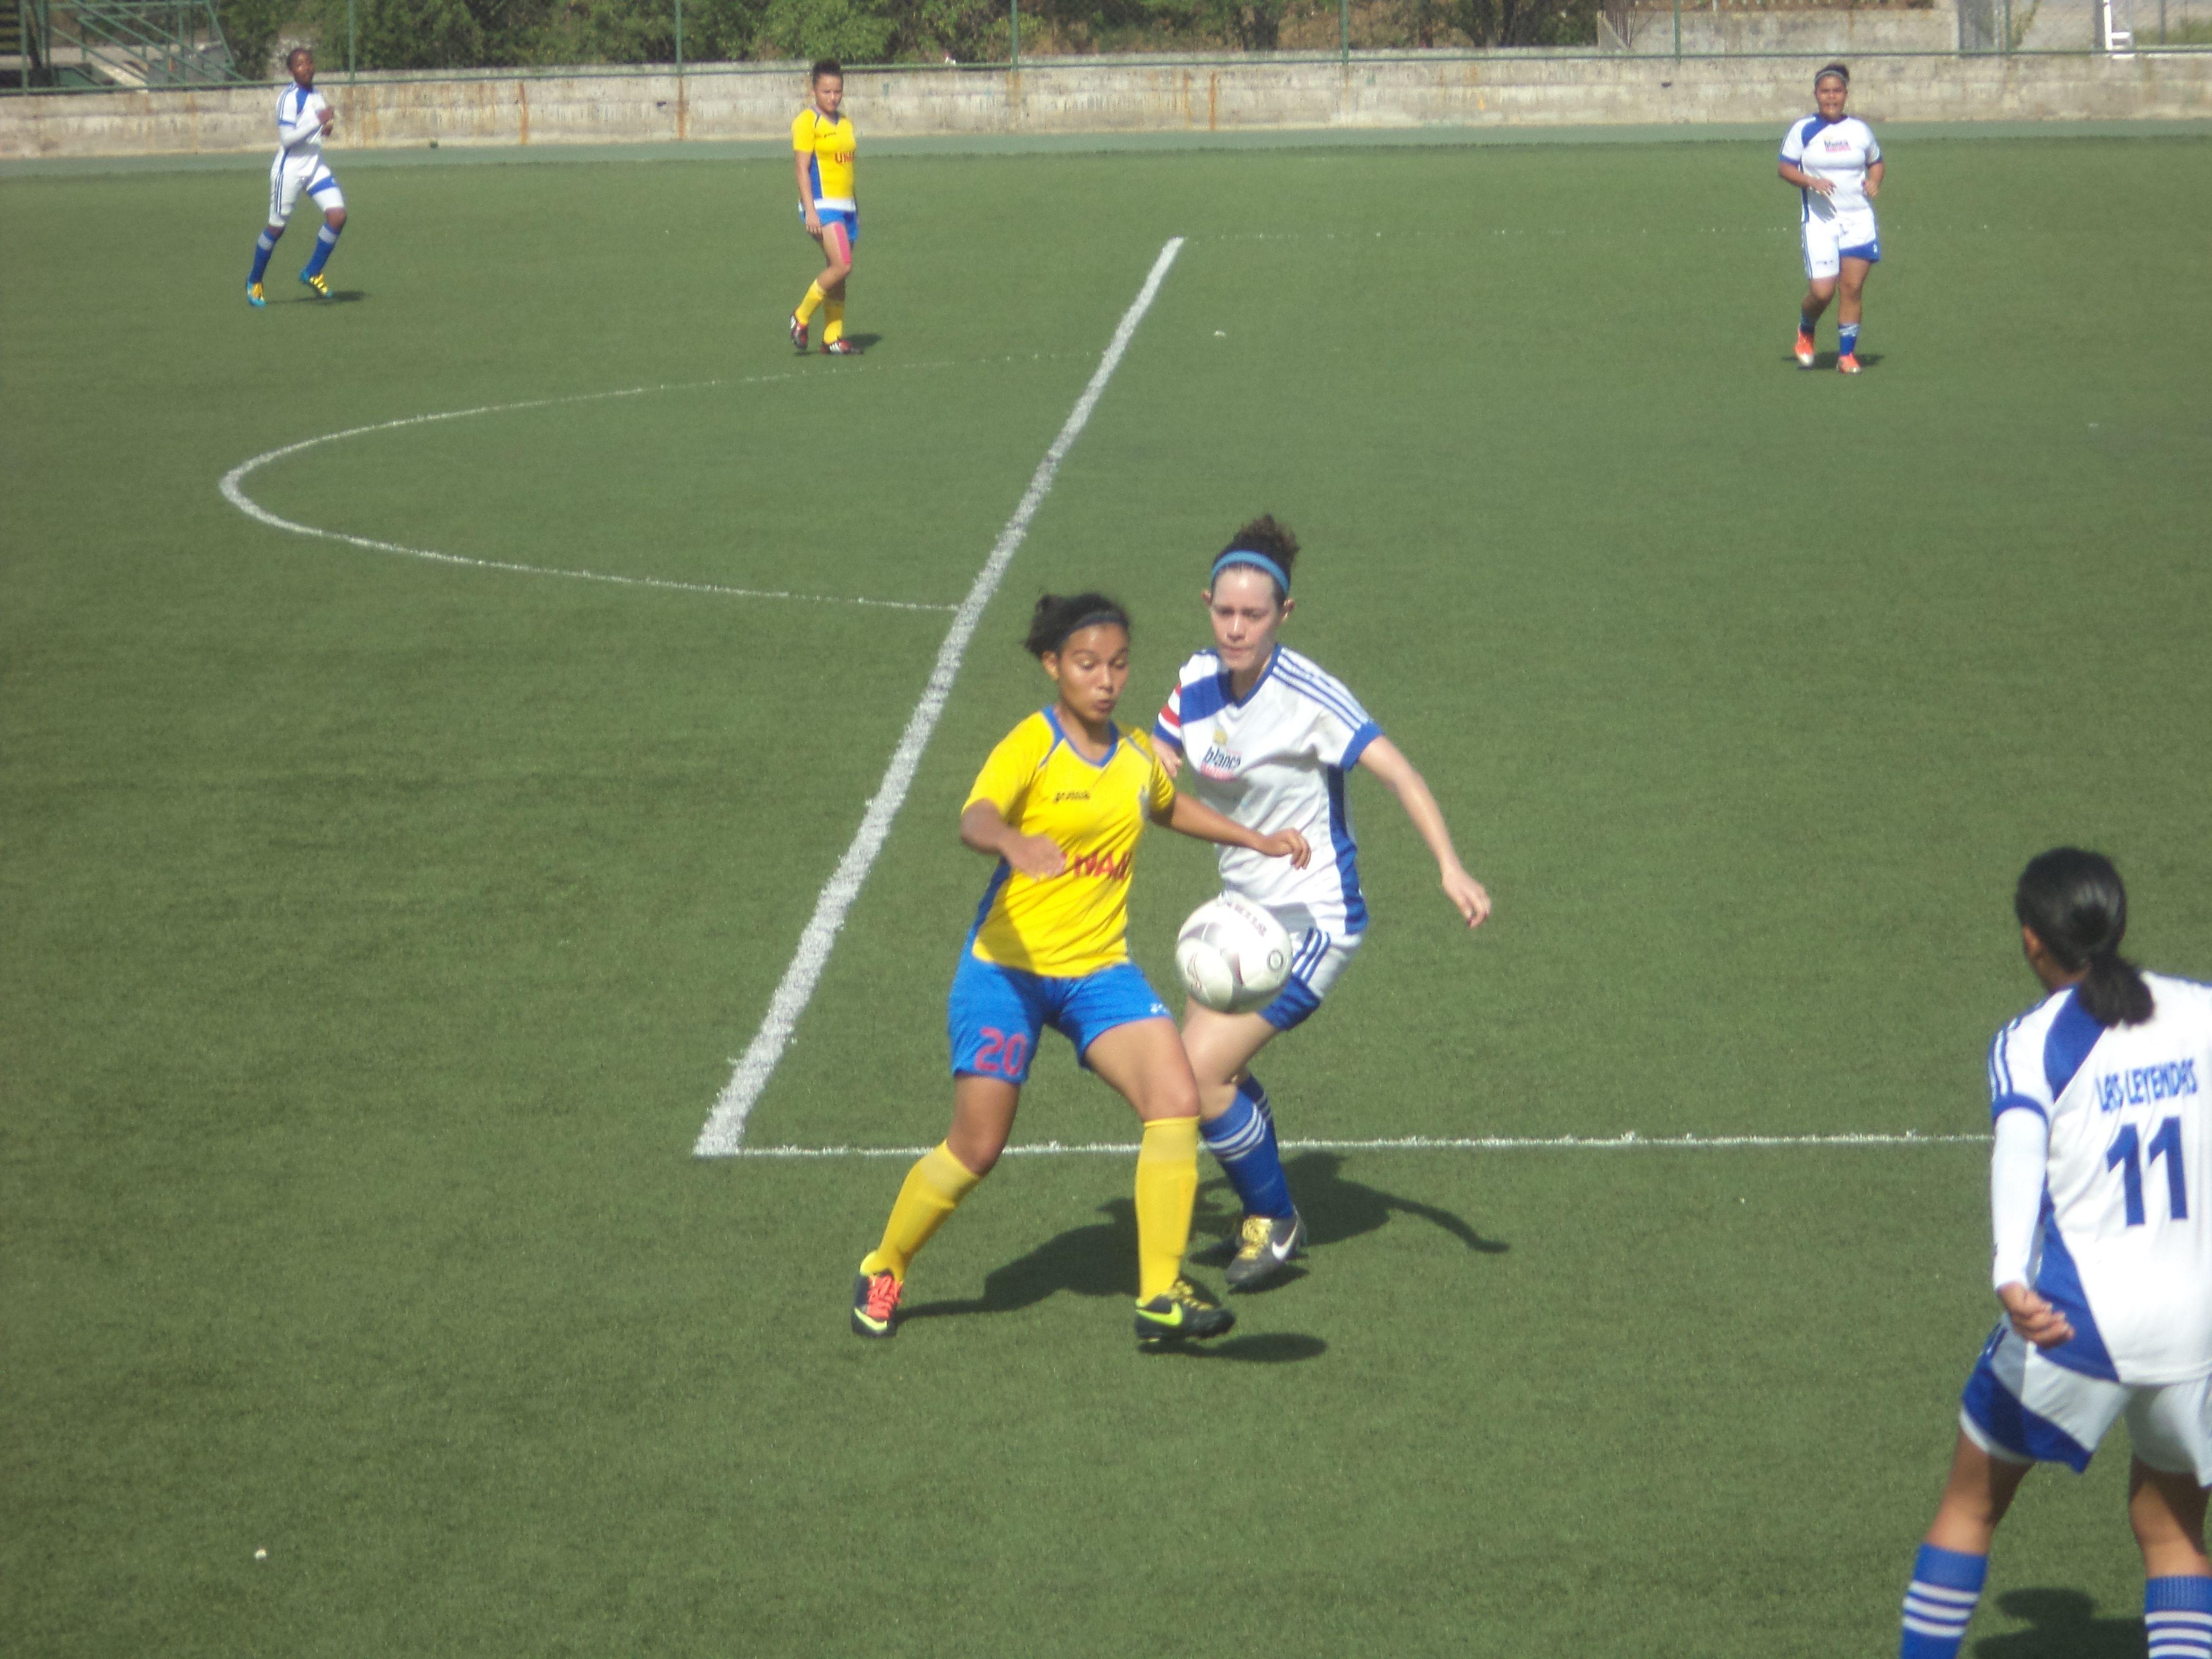 Primera Fecha, Torneo Apertura 2014-2015 del Fútbol Femenino Nicaragüense - XXIII Torneo Nacional   UNAN-Managua 3-0 Leyendas del Fútbol